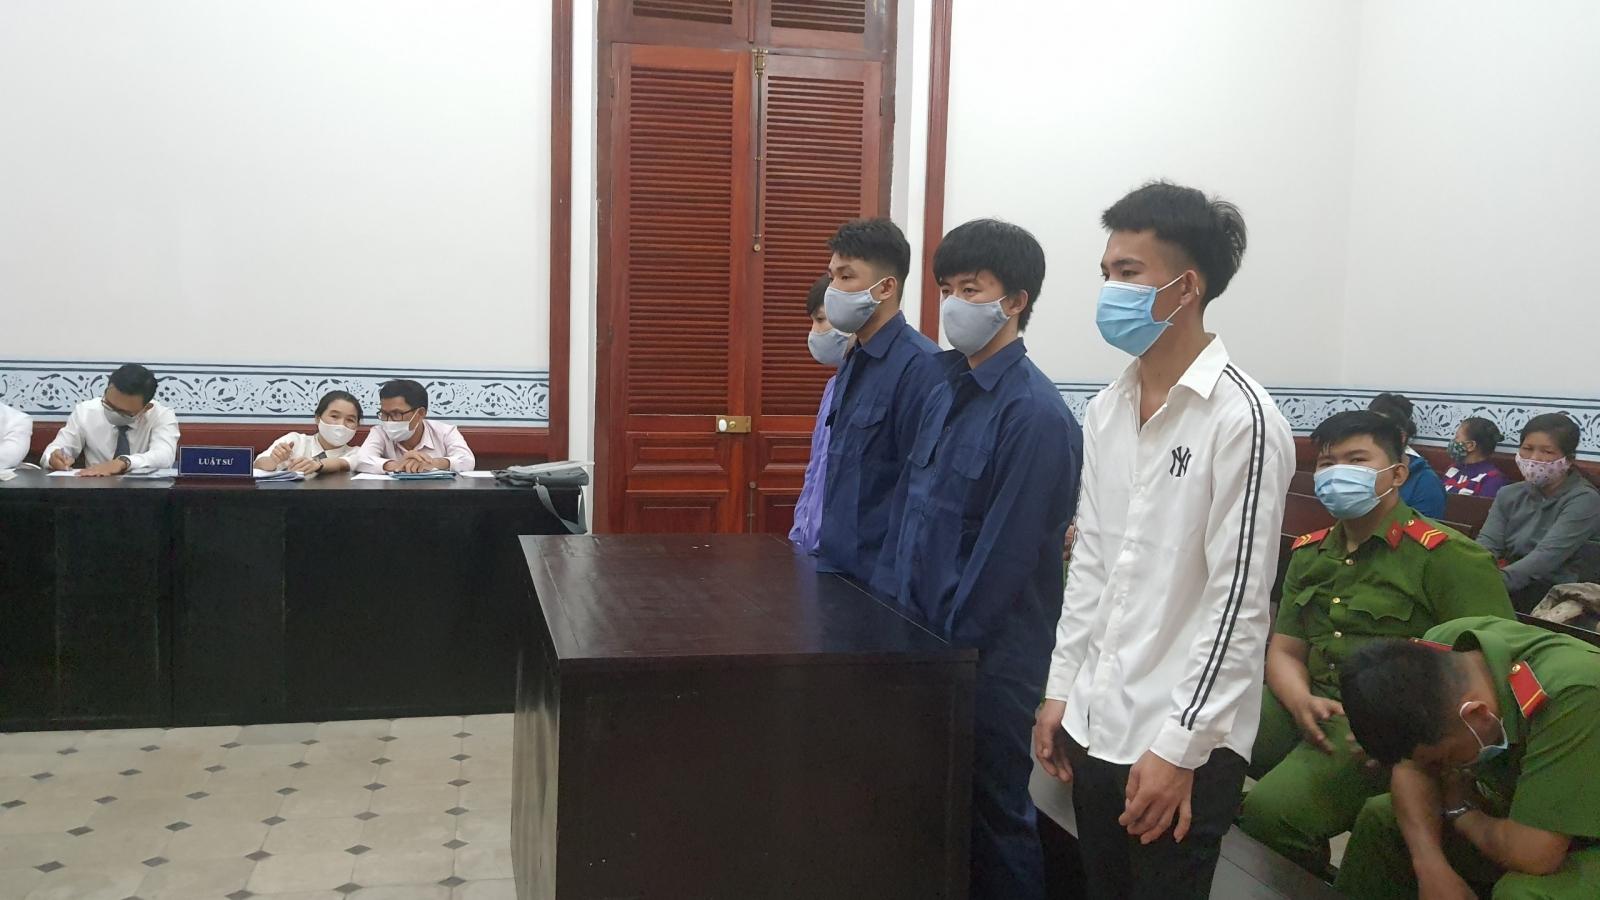 Tử hình kẻ giết đồng nghiệp cướp tài sản và phi tang xác ở Bình Chánh